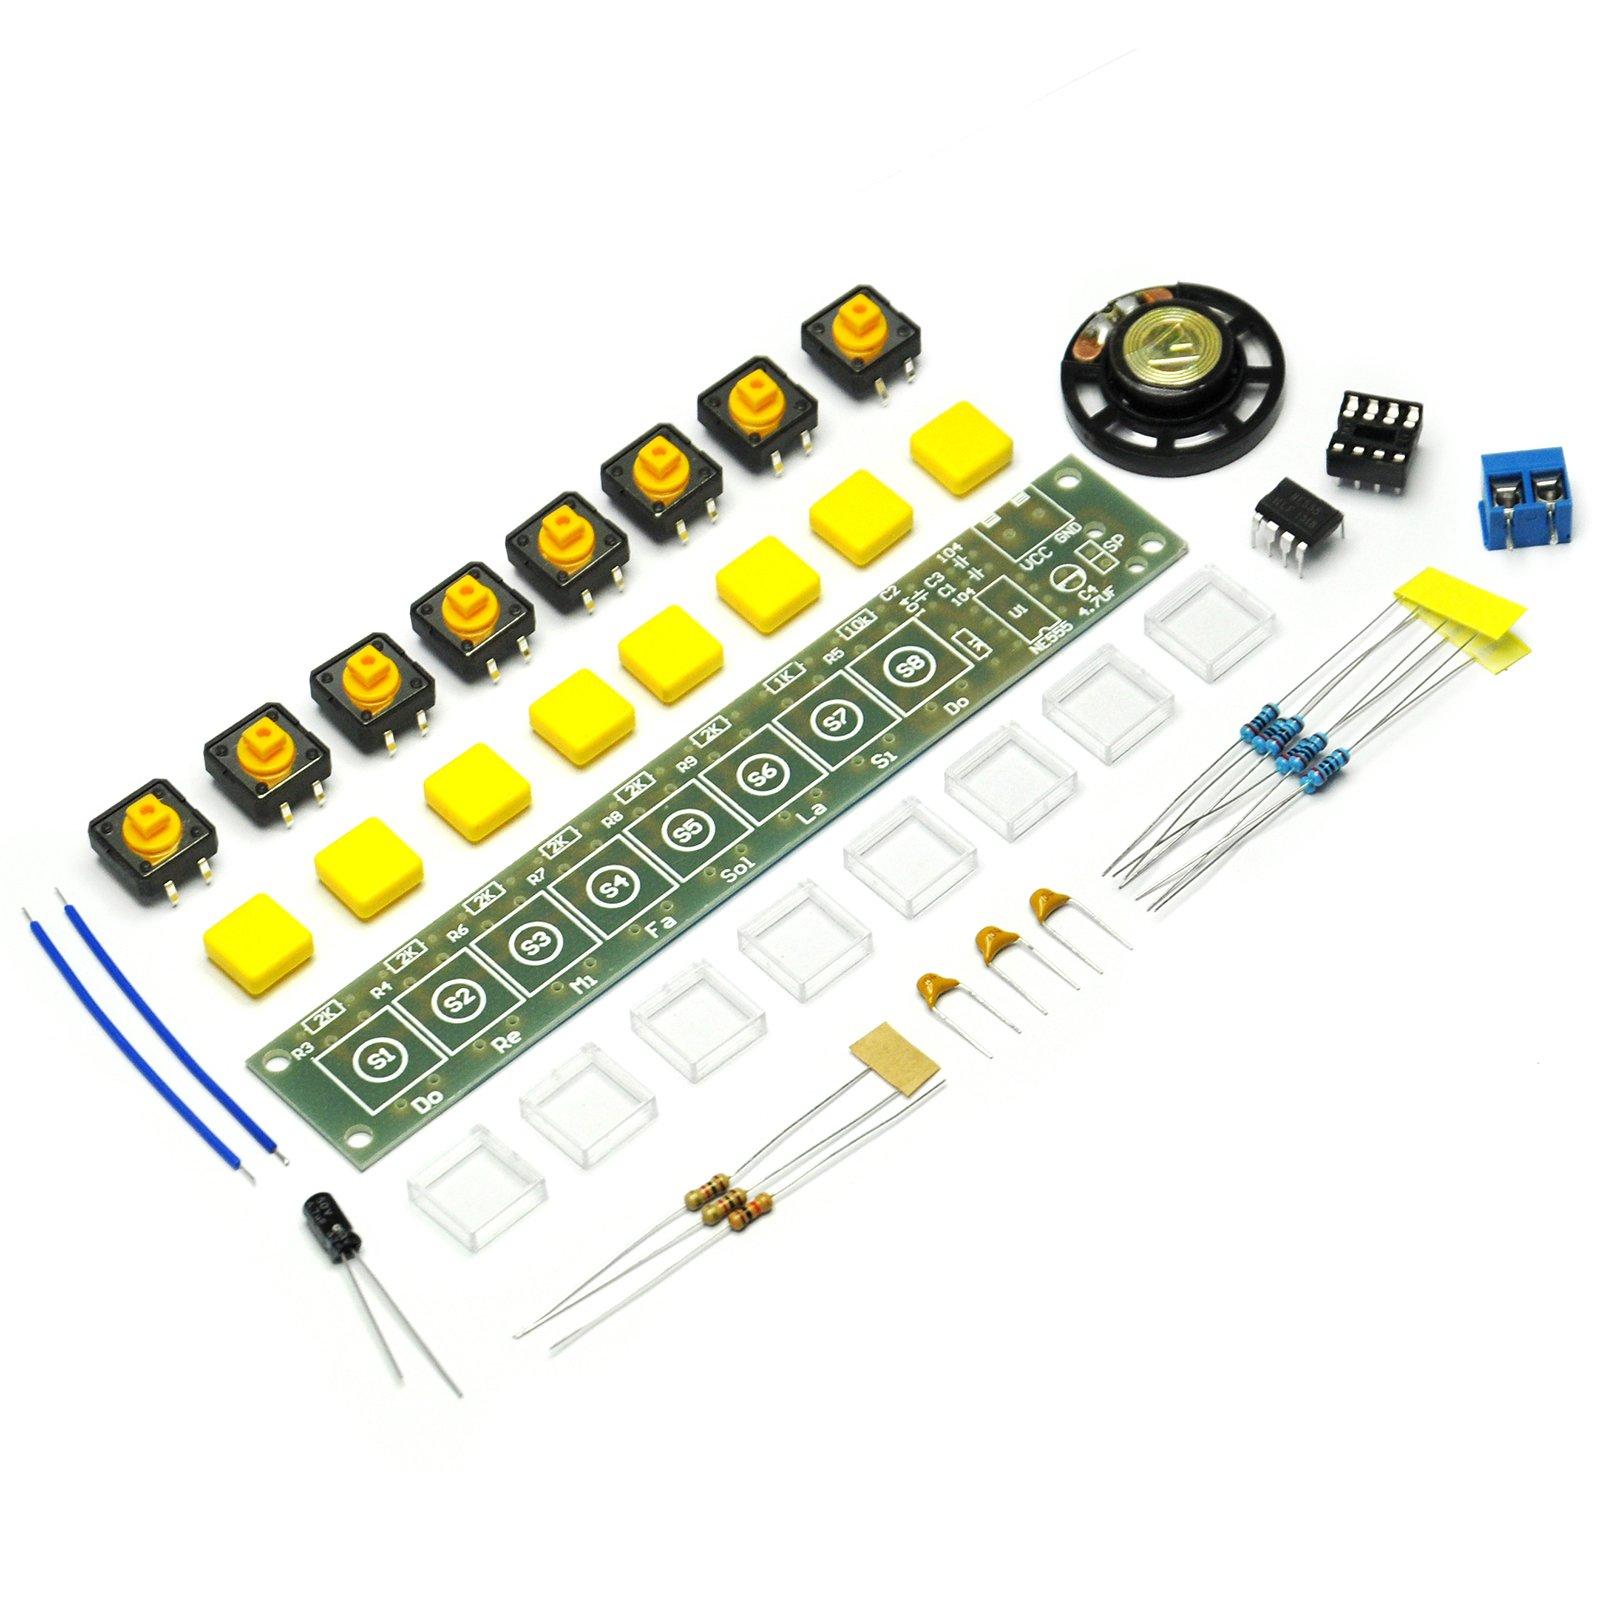 Gikfun NE555 Electronic organ DIY Scatter Diy making small invention electronic organ kit teaching kit for Arduino EK1898 by Gikfun (Image #1)